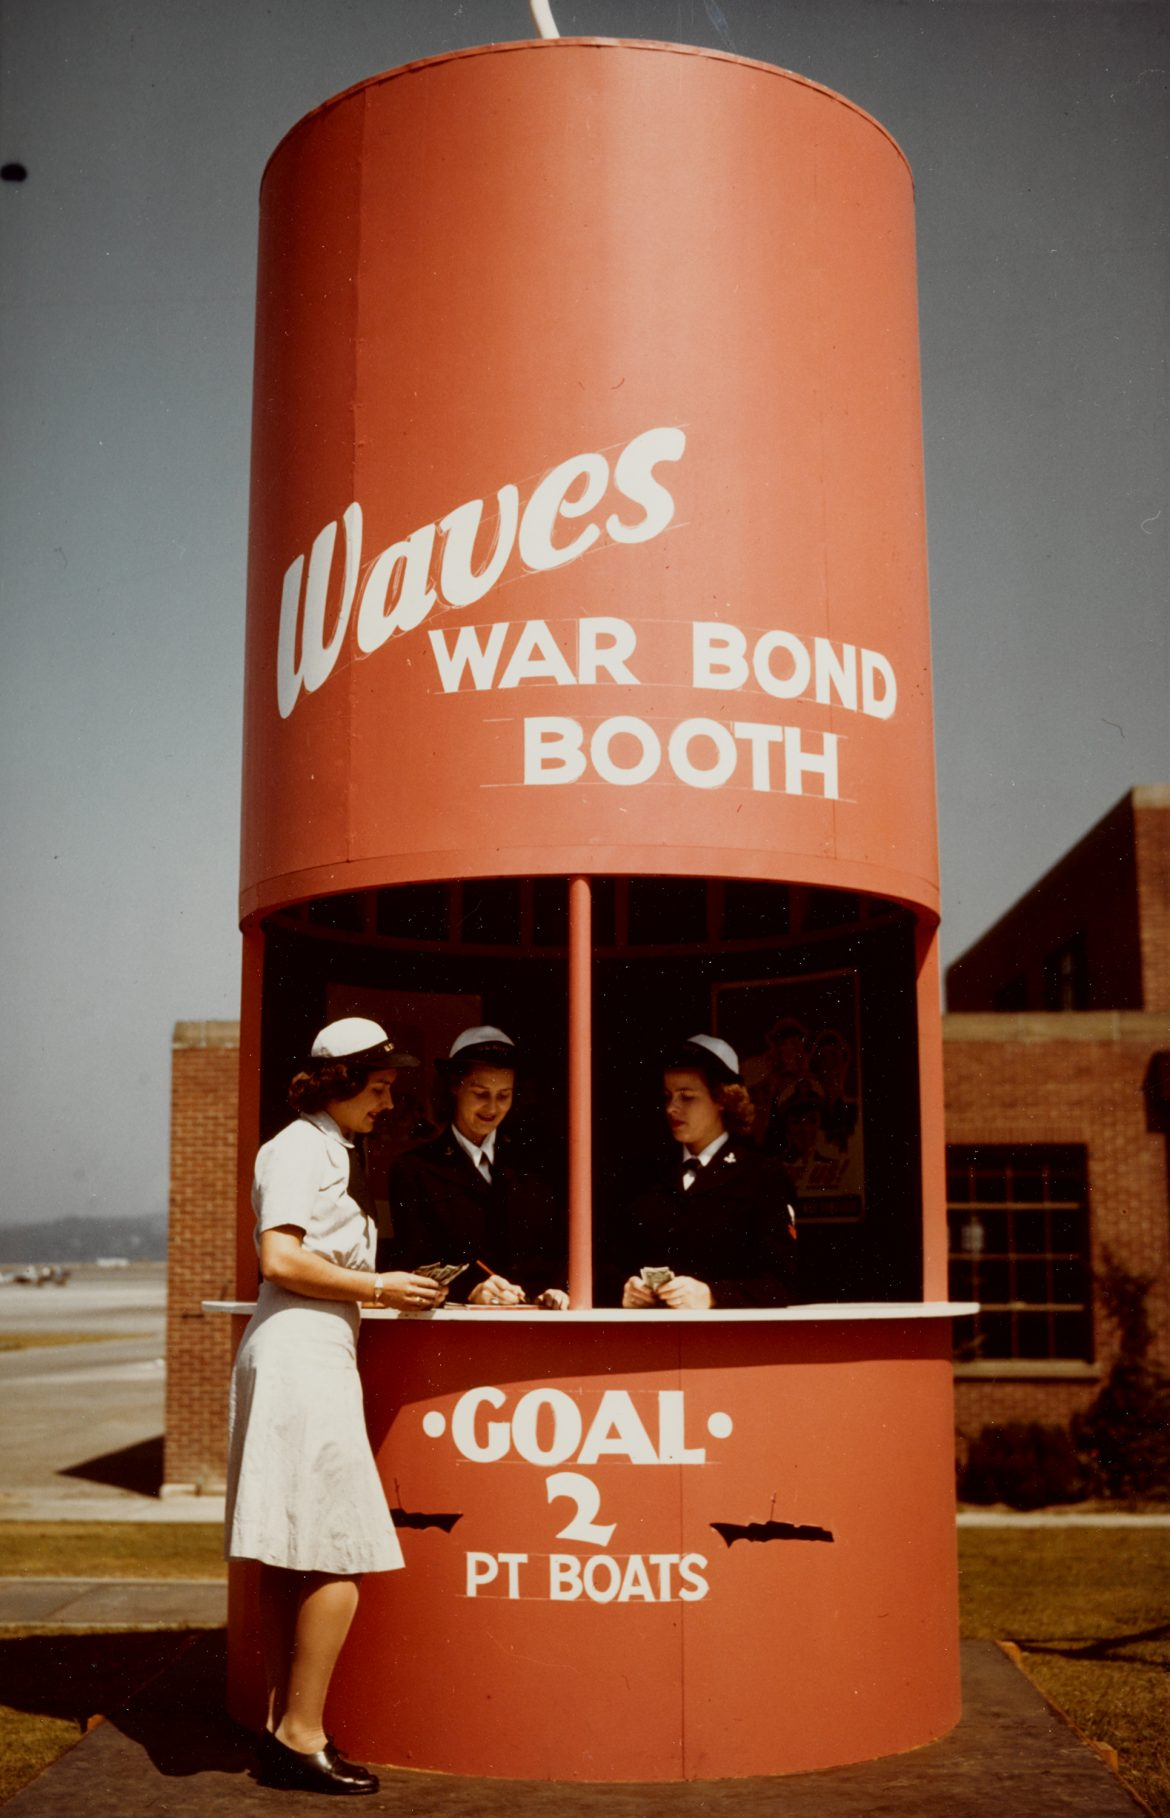 WAVES Sell War Bonds from Firecracker-Shaped Booth